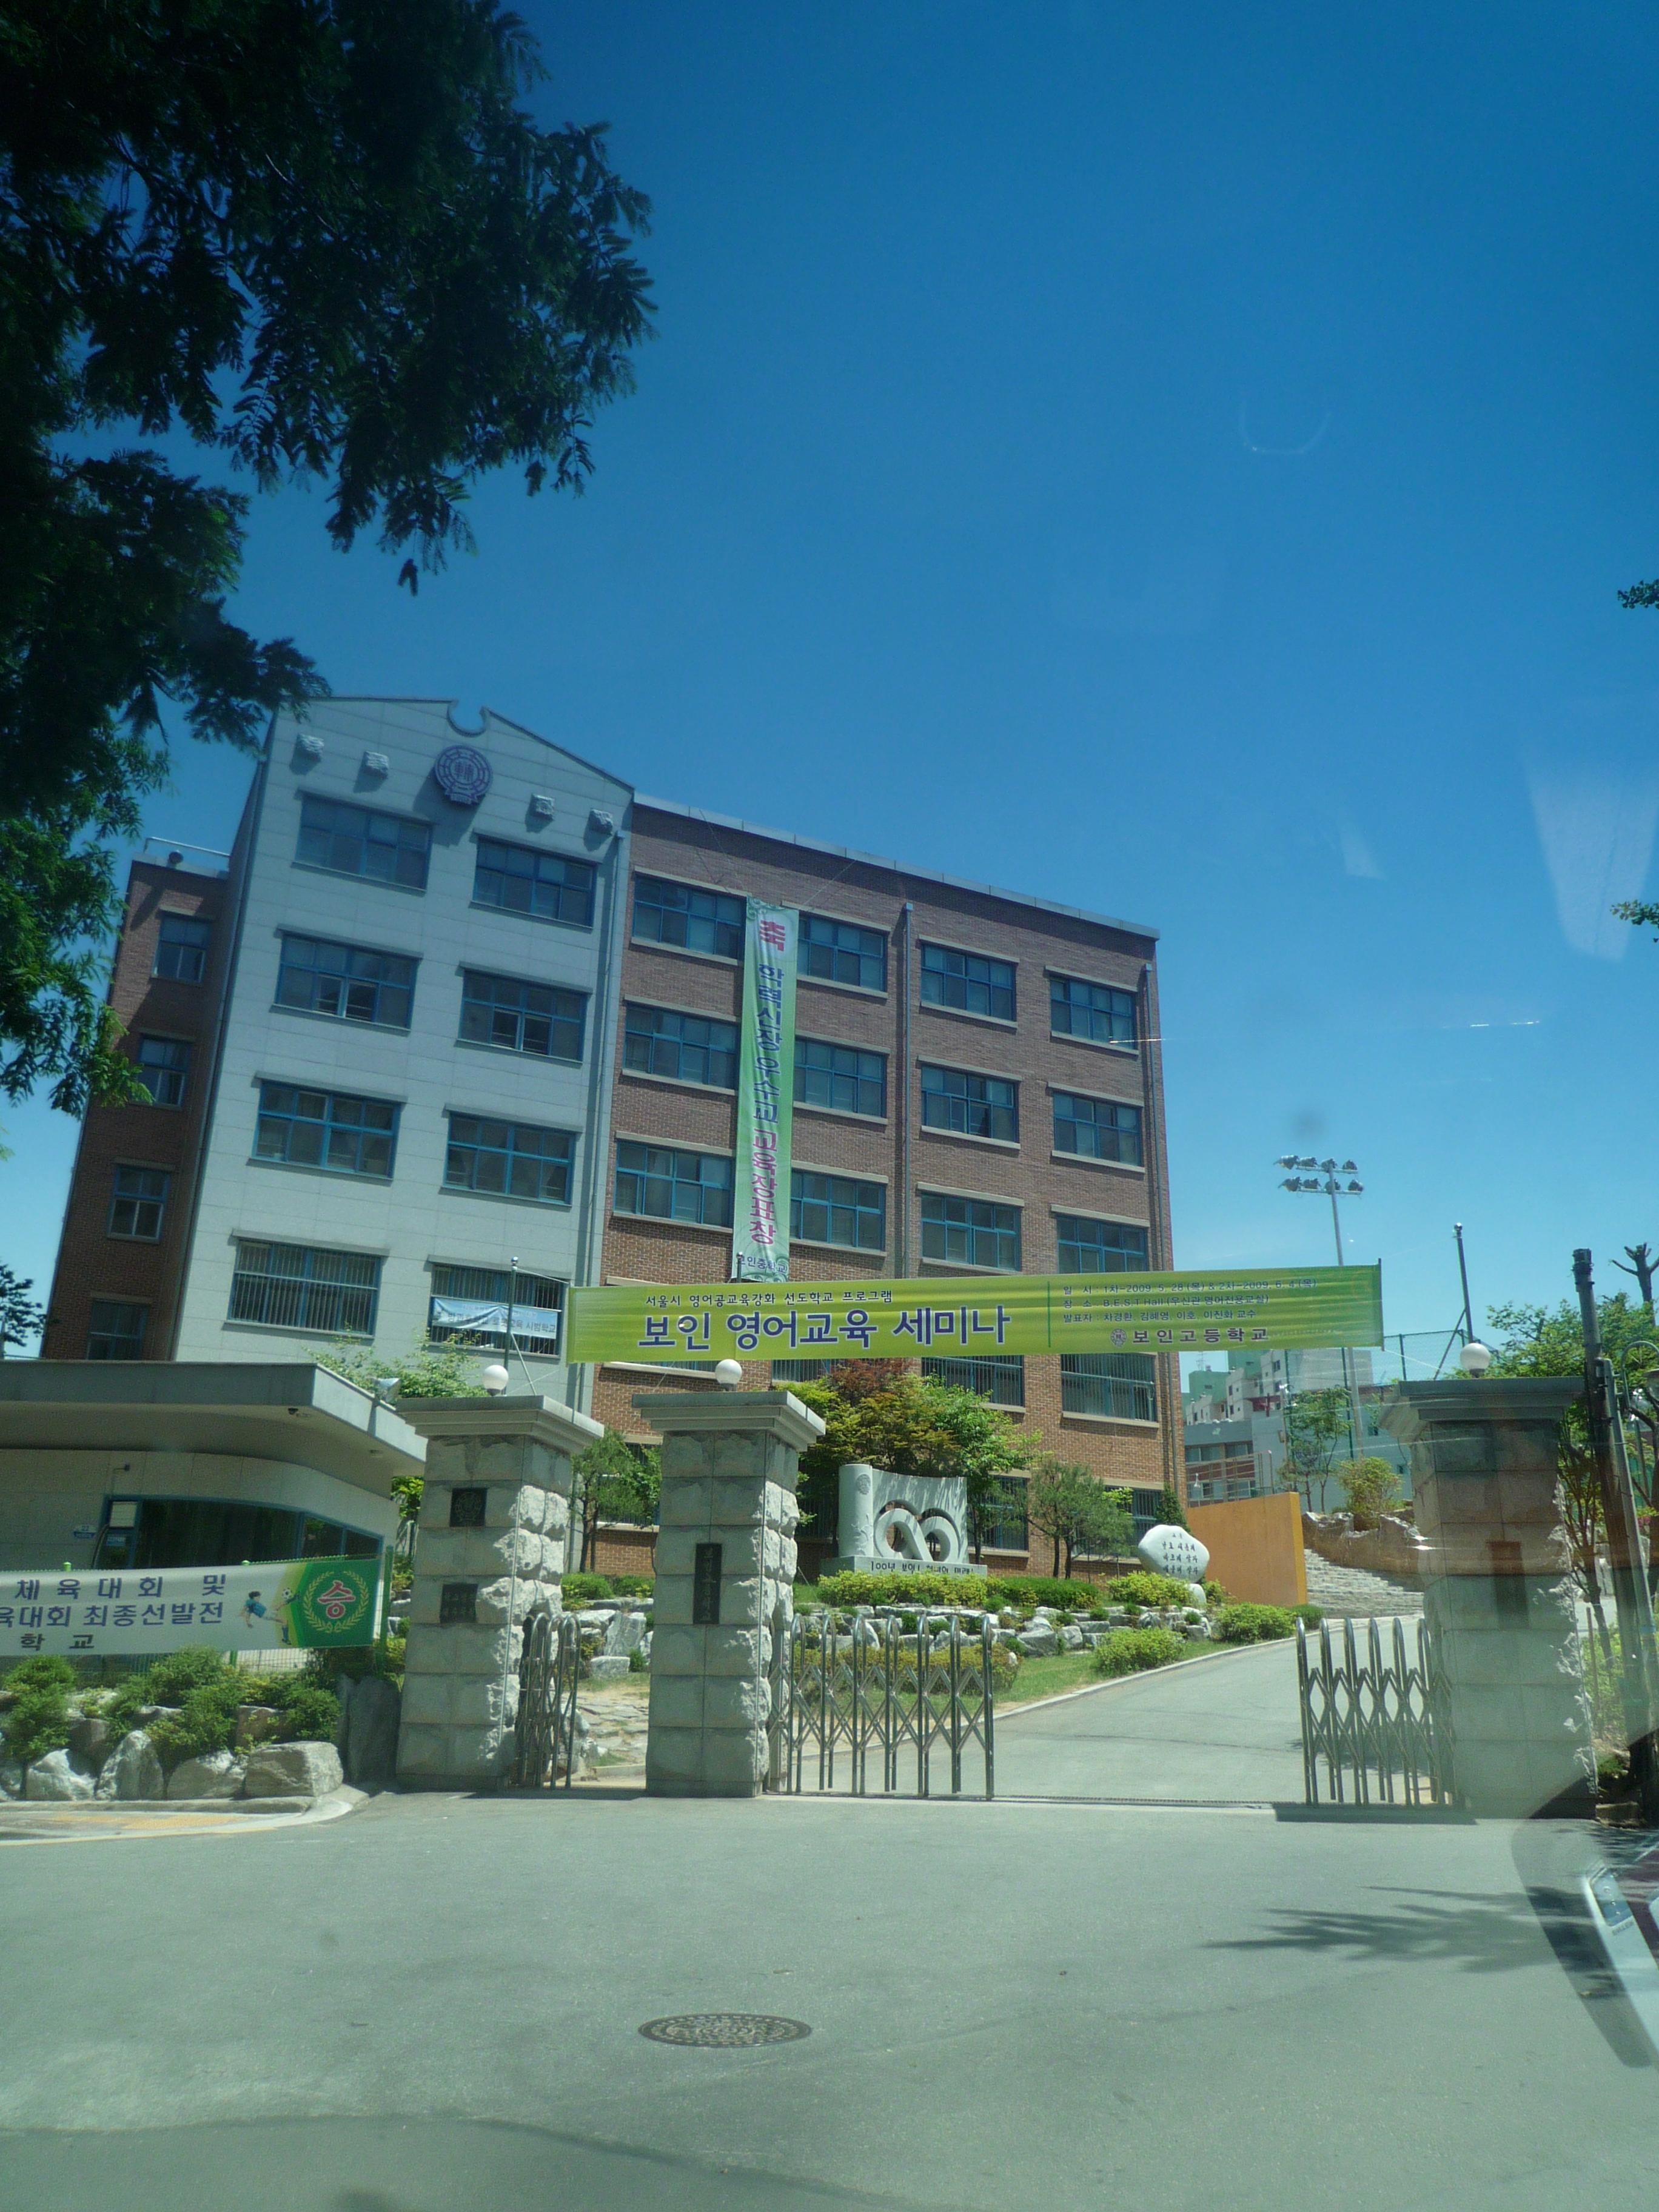 2009/06/01 학교 풍경 첨부이미지